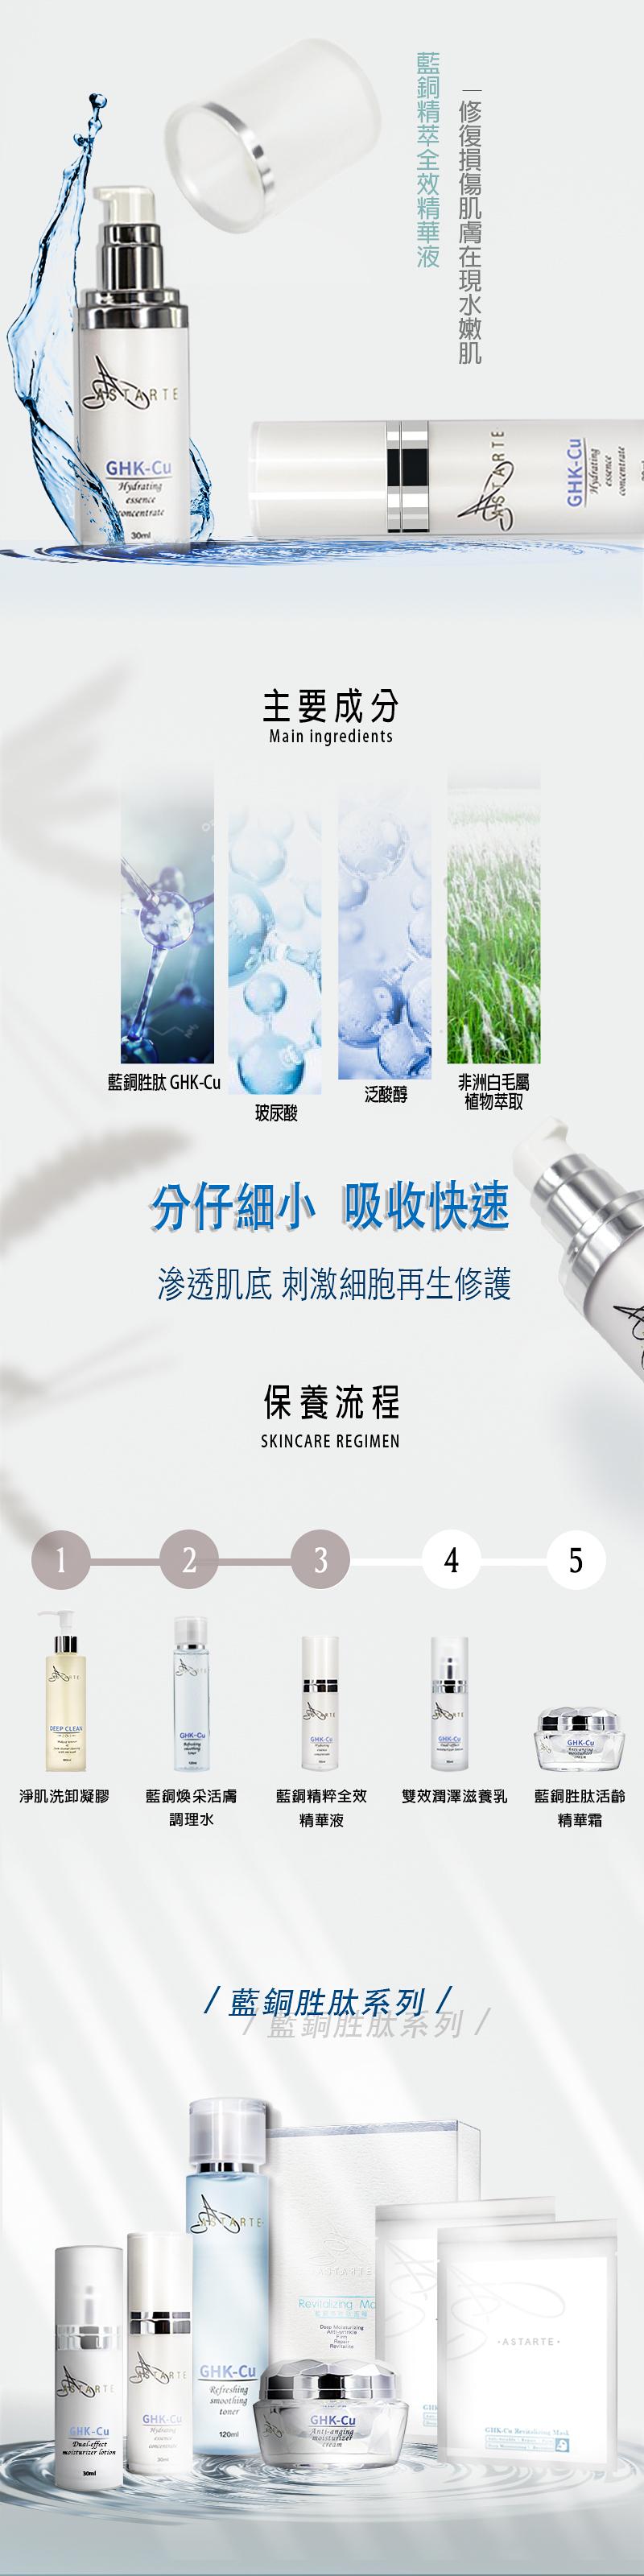 藍銅精粹全效精華液EDM完成.jpg